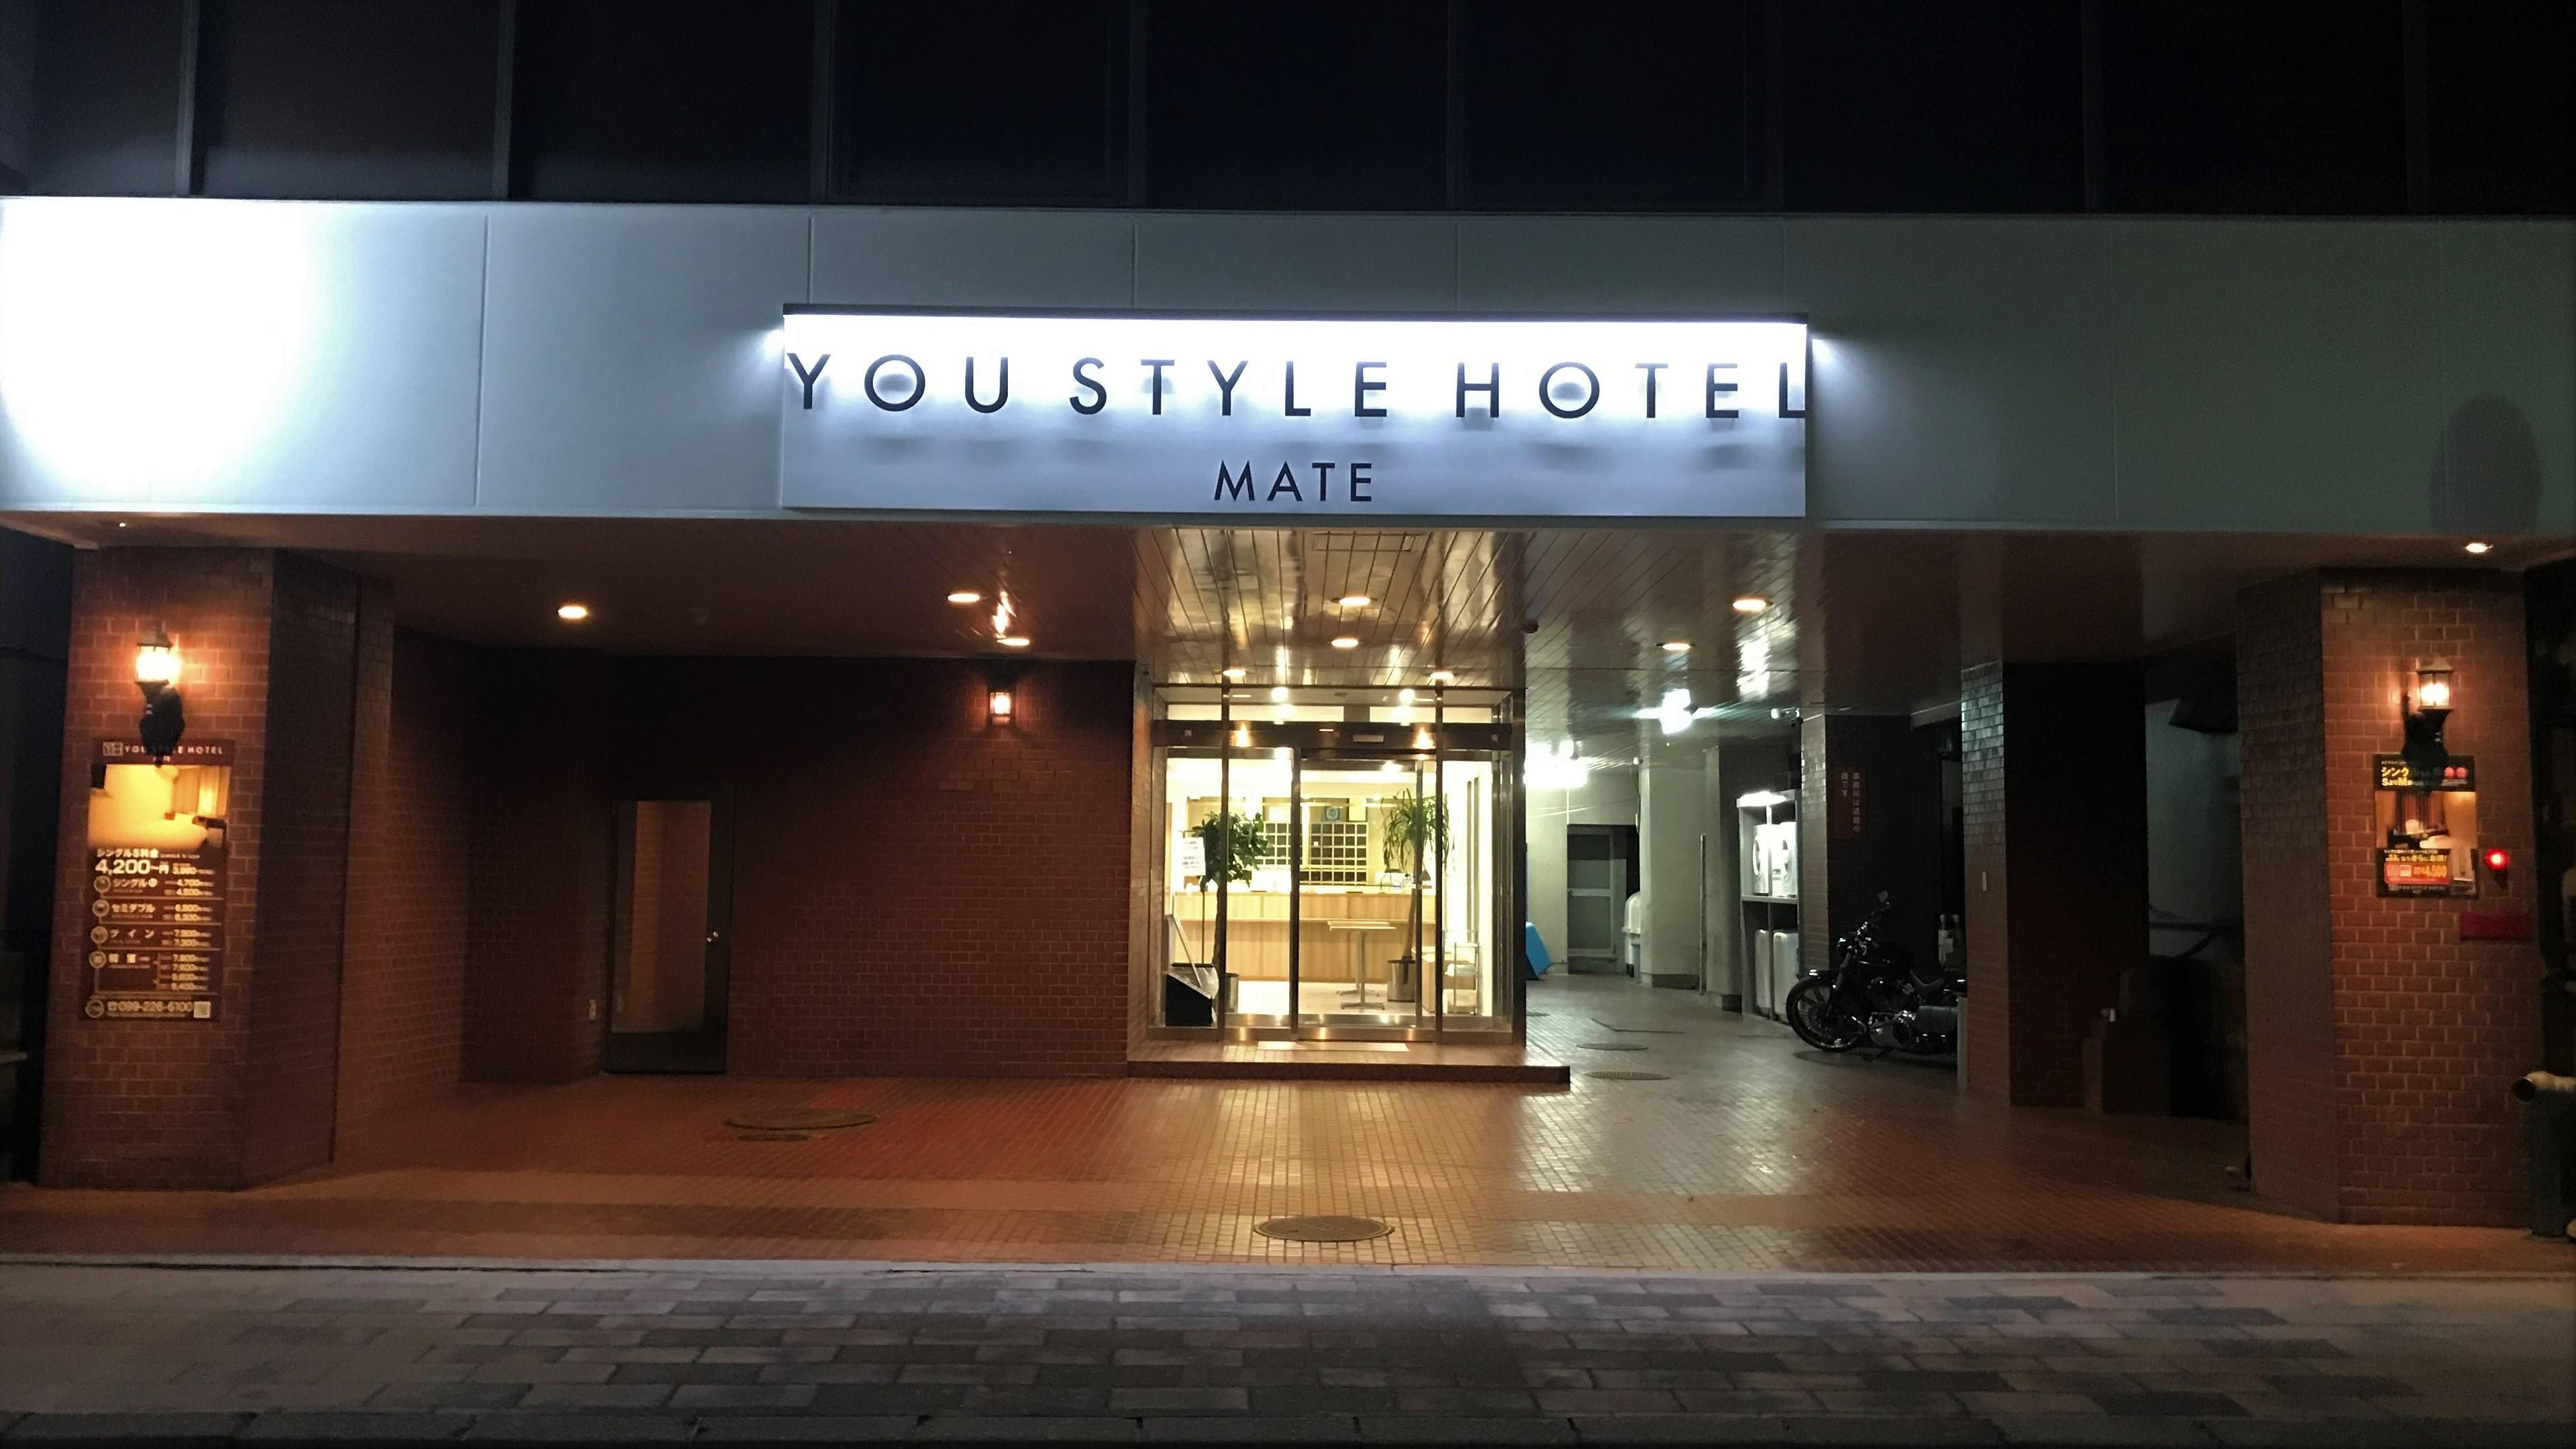 ホテル メイト